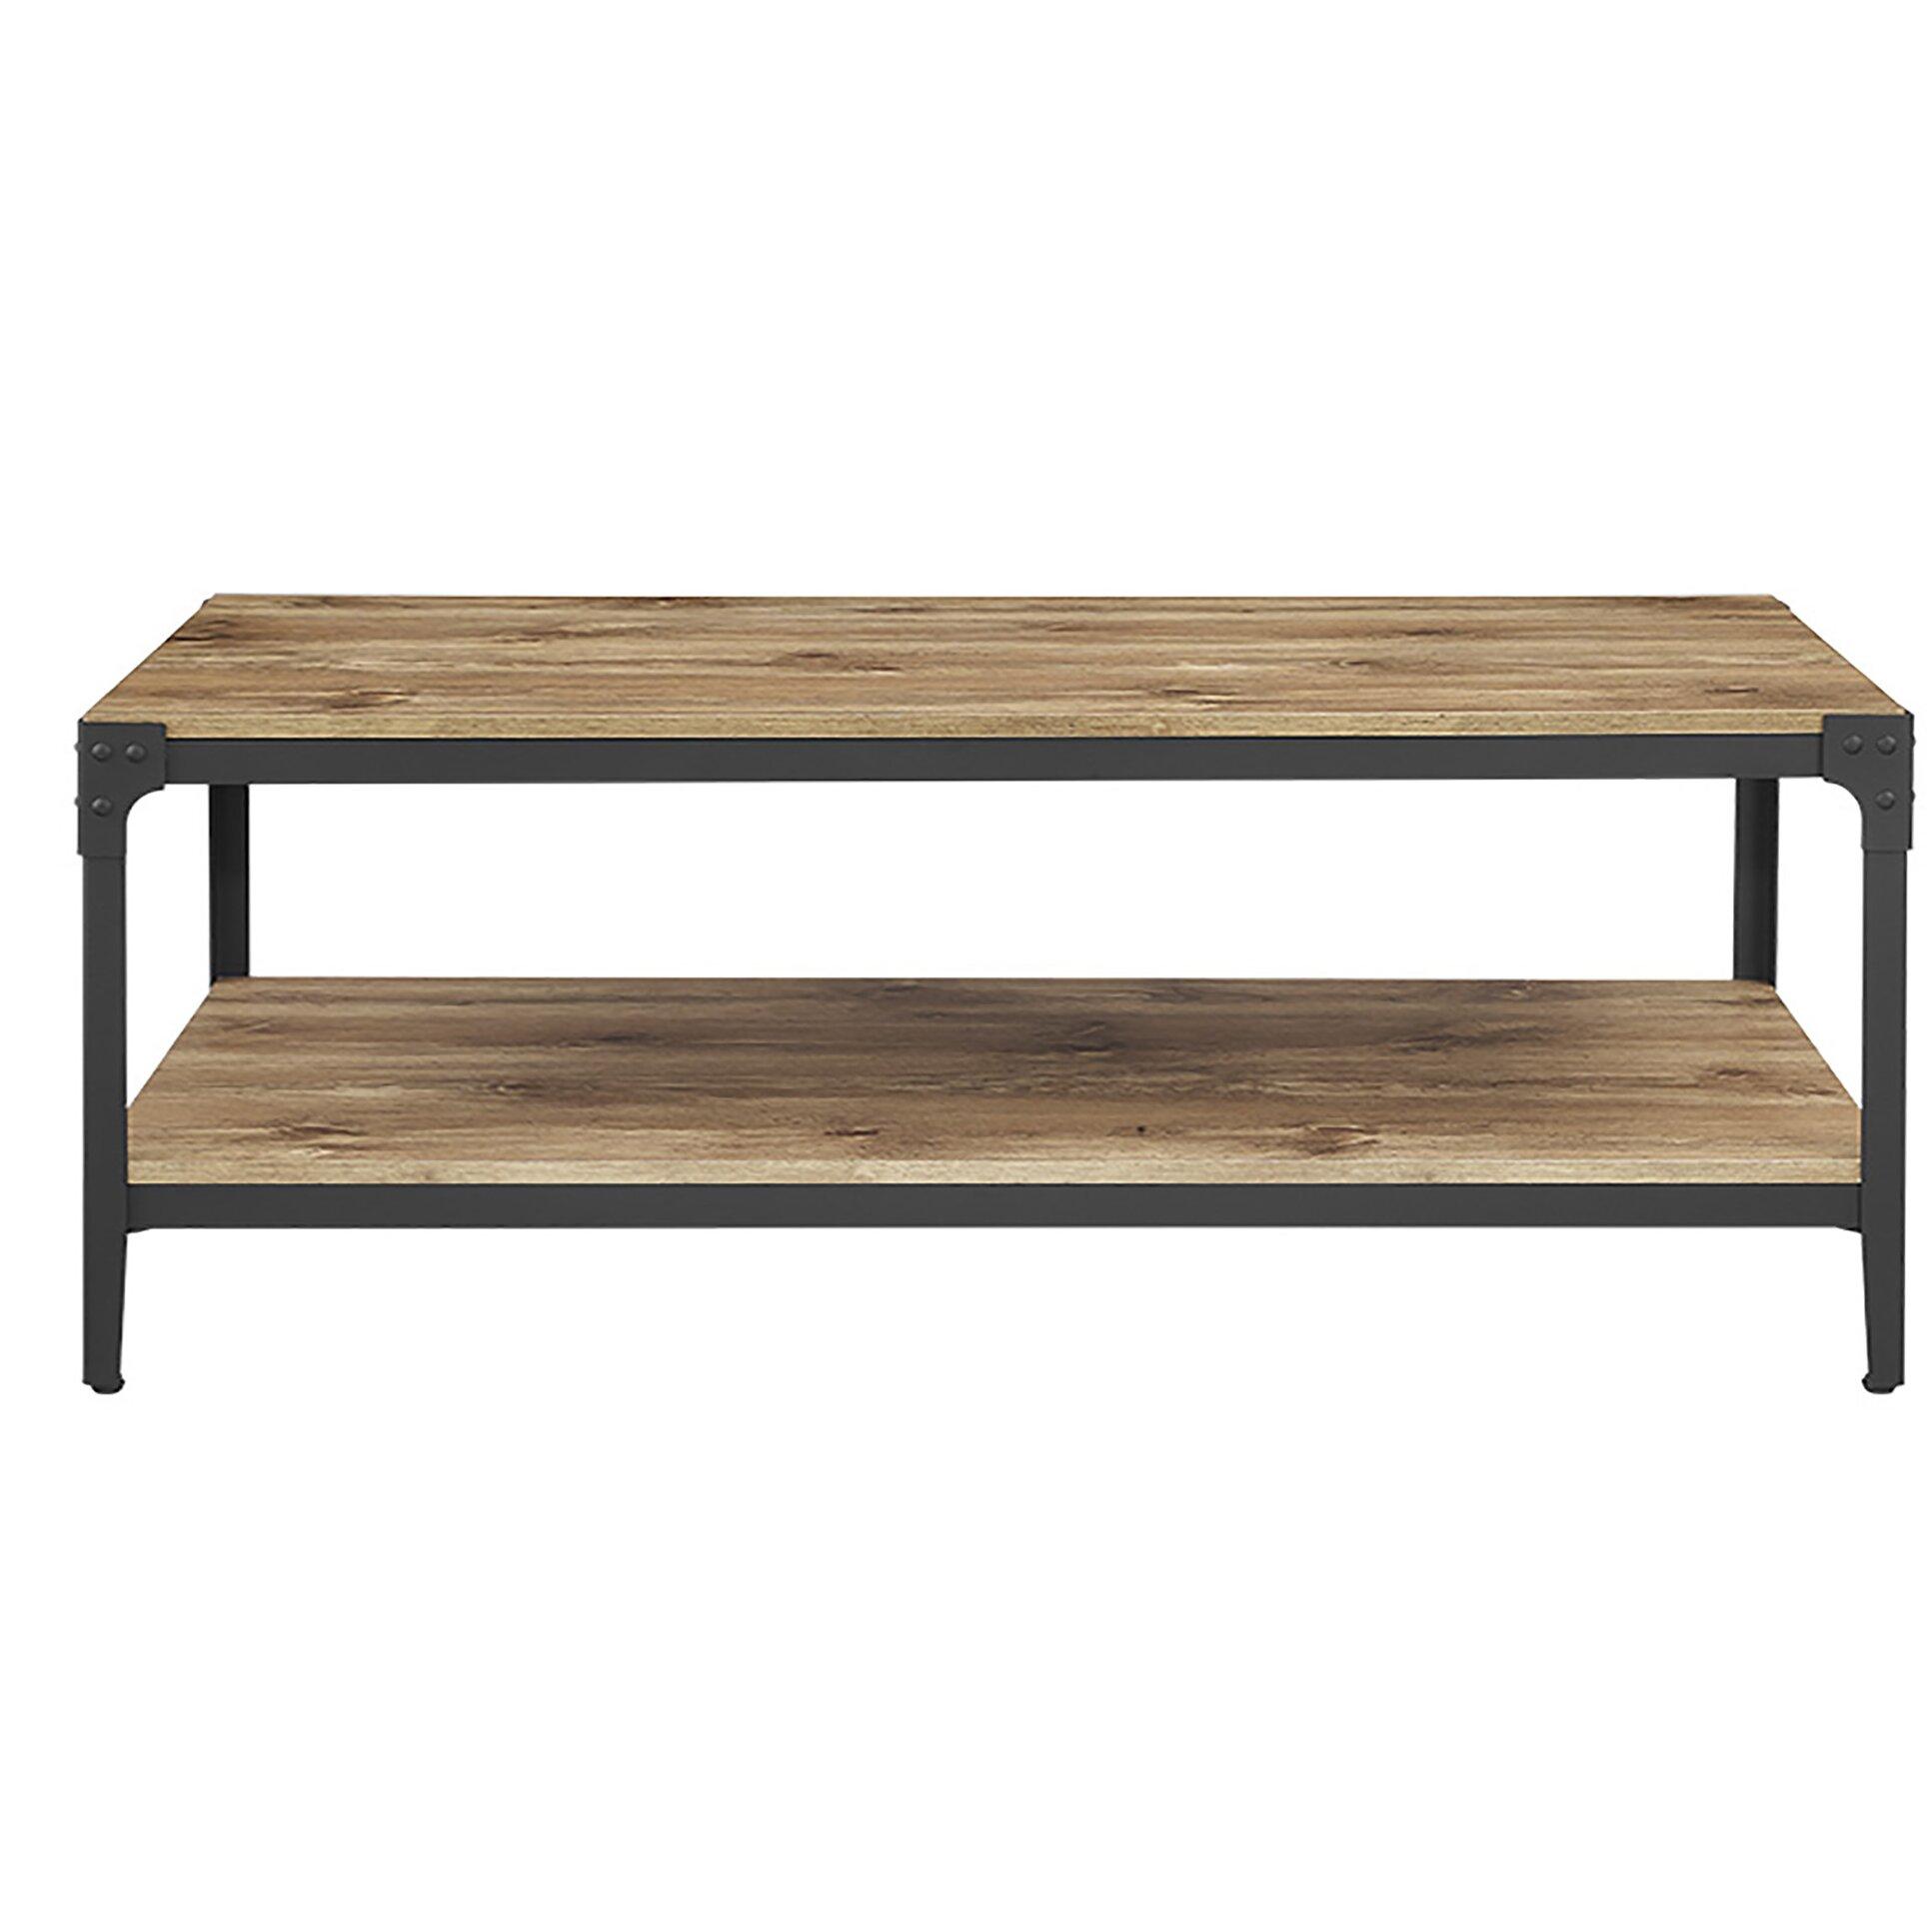 Rustic Wood And Mirror Coffee Table: Loon Peak Arboleda Rustic Wood Coffee Table & Reviews